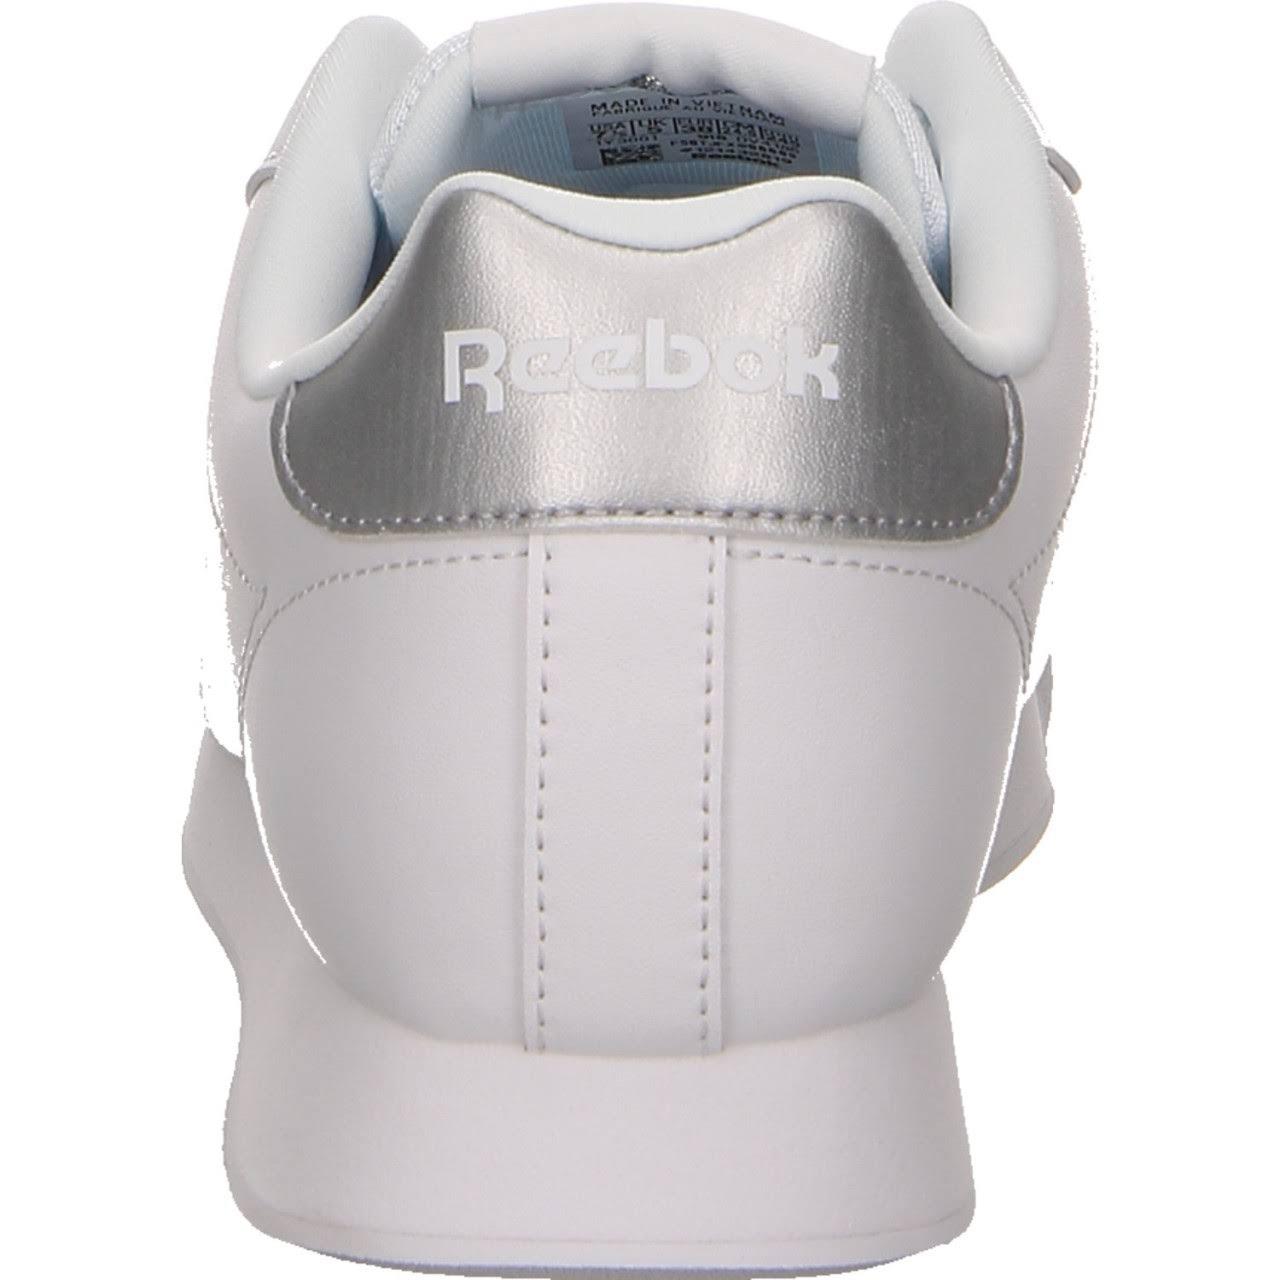 Reebok Royal silver Charm White 375 1FwqC1